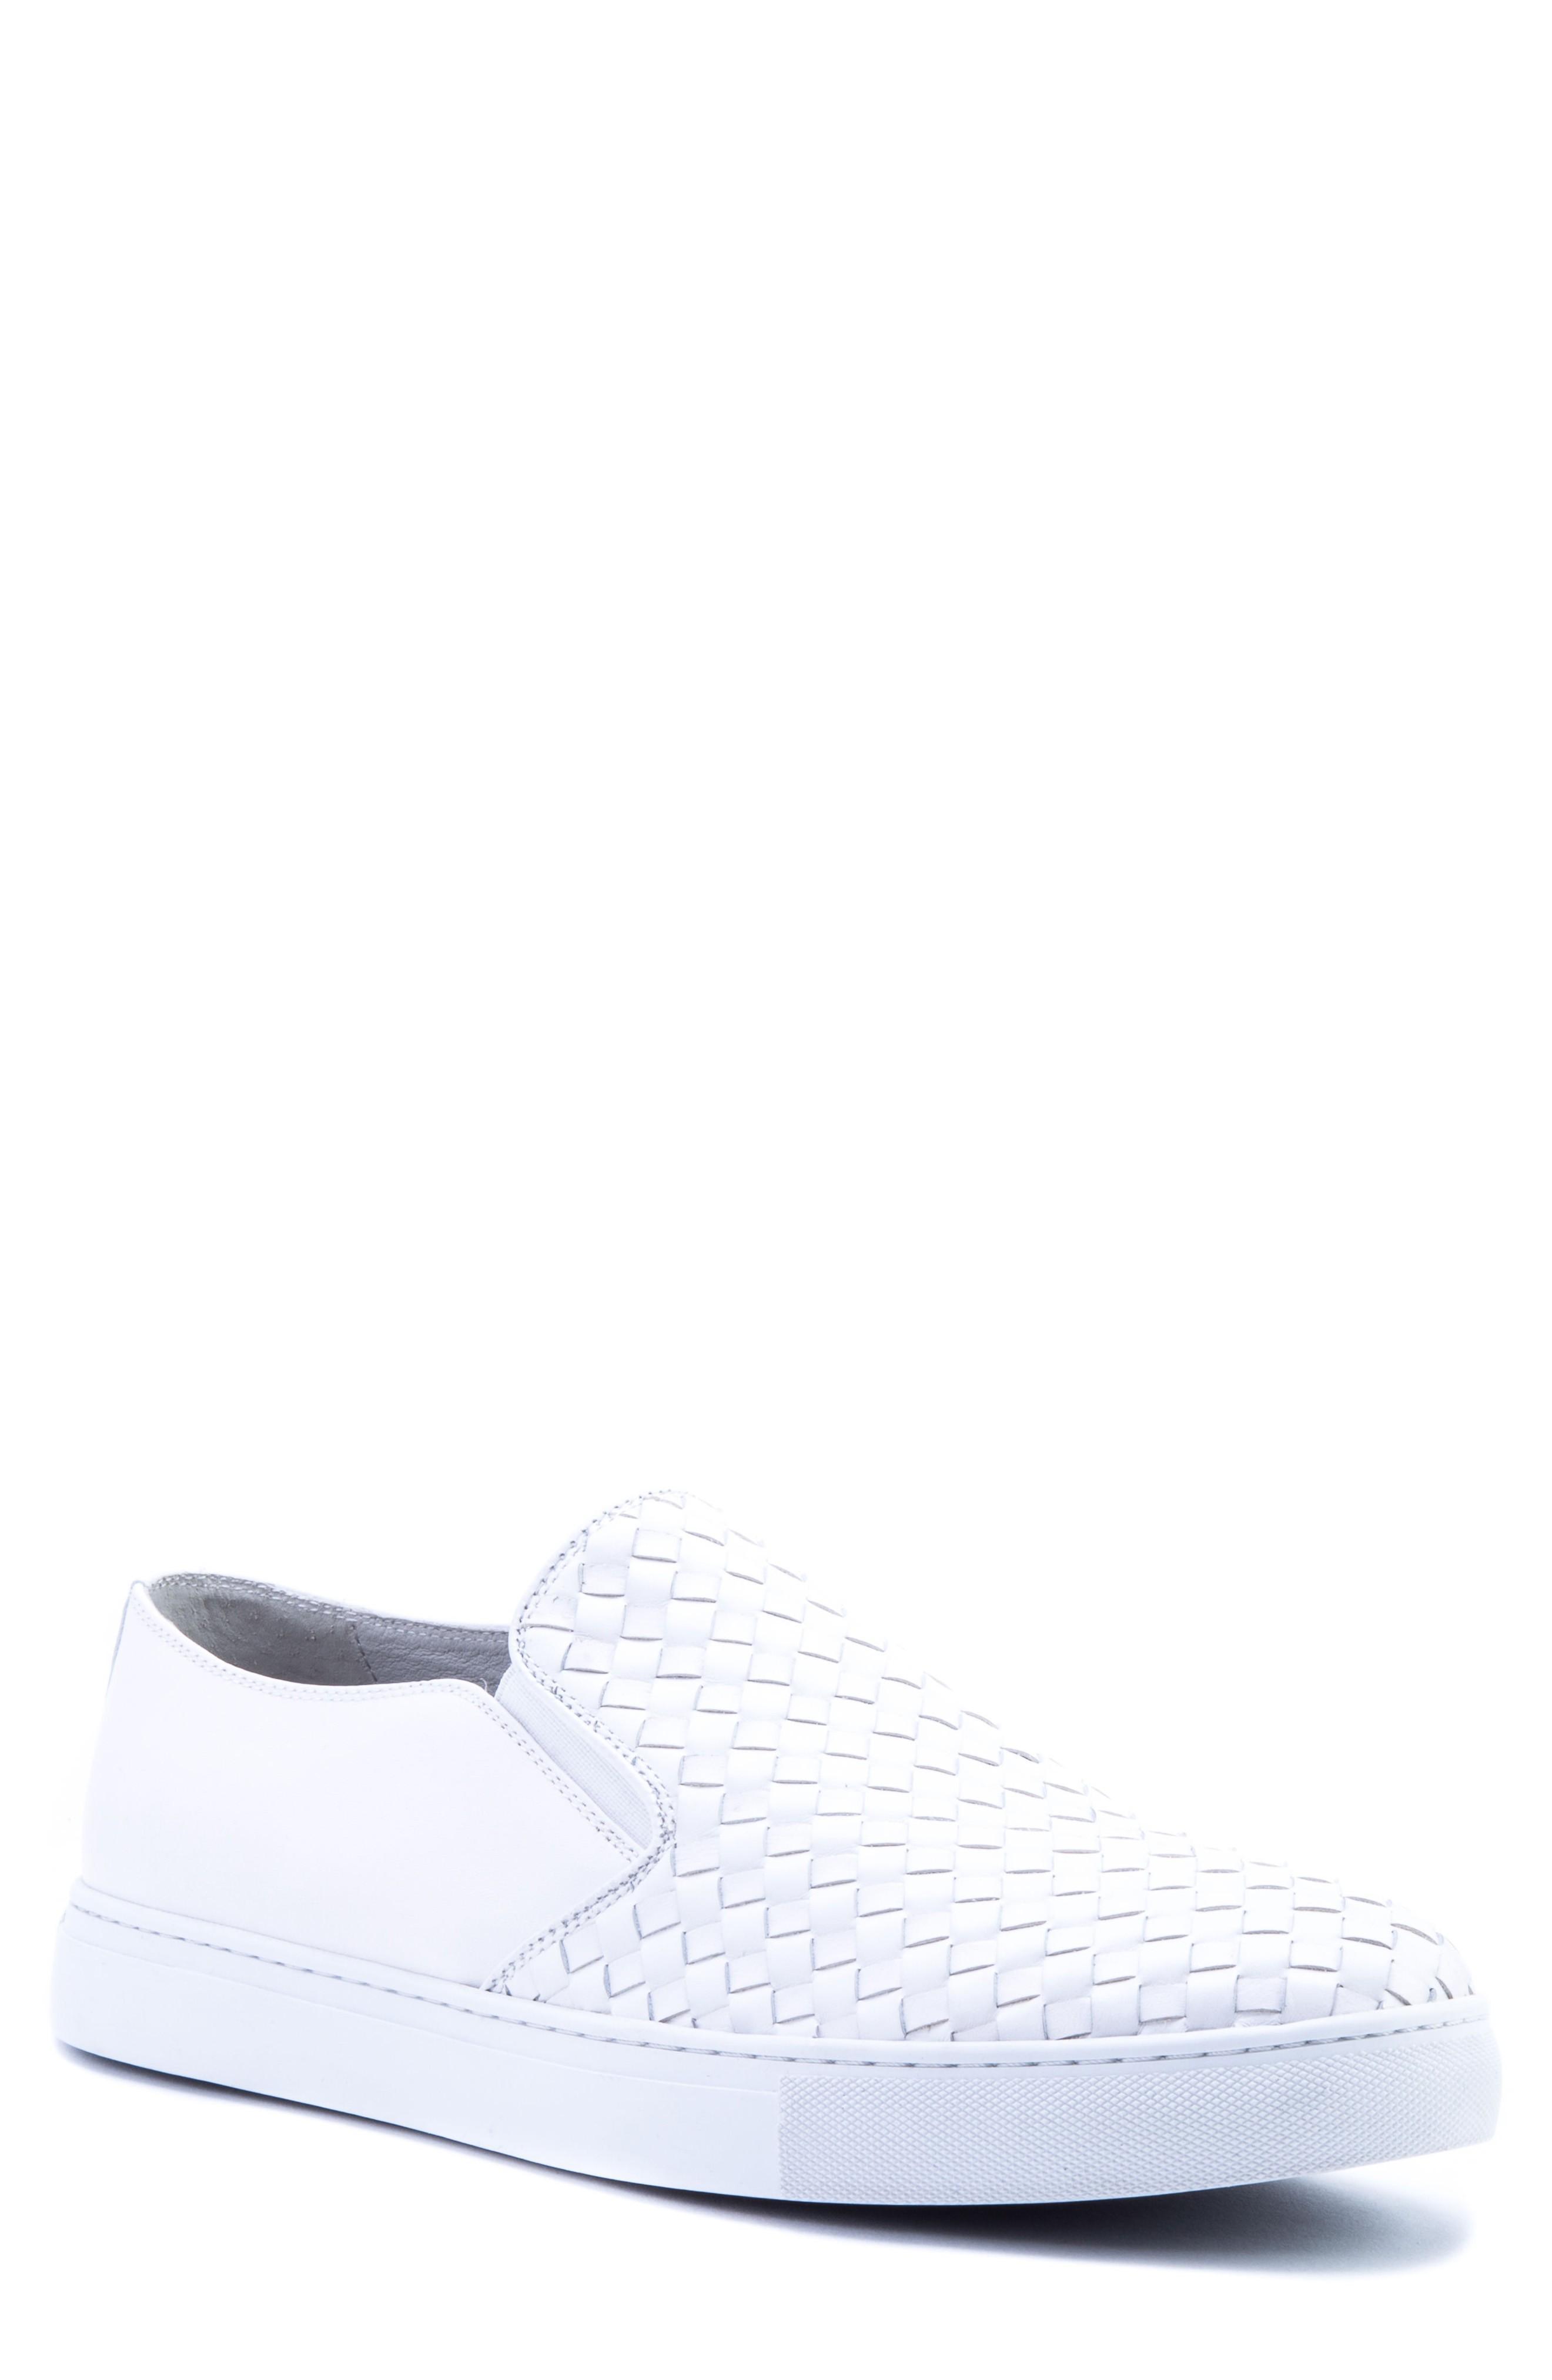 Zanzara Echo Ii Woven Slip-on Sneaker In White Leather